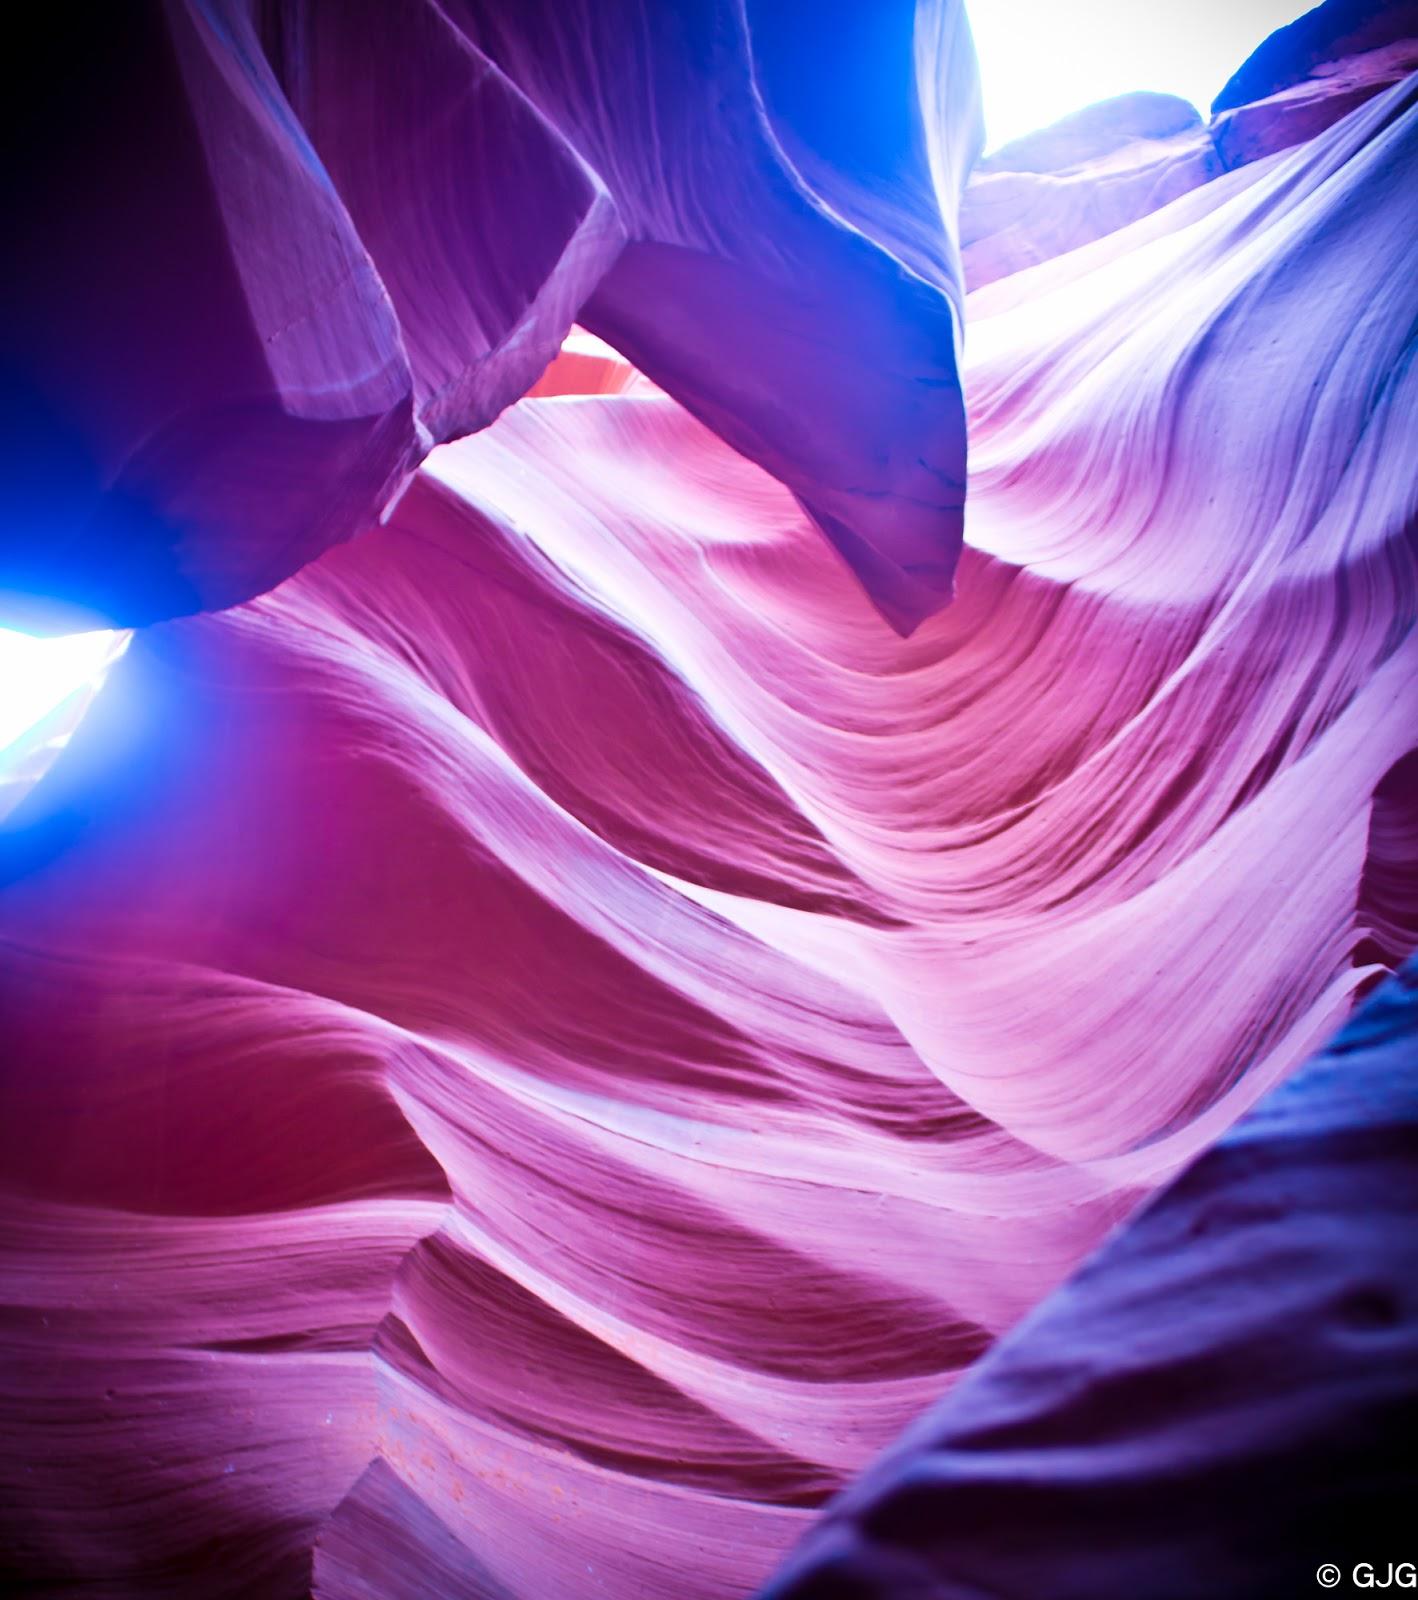 The Lower Antelope Canyon Page, Arizona USA